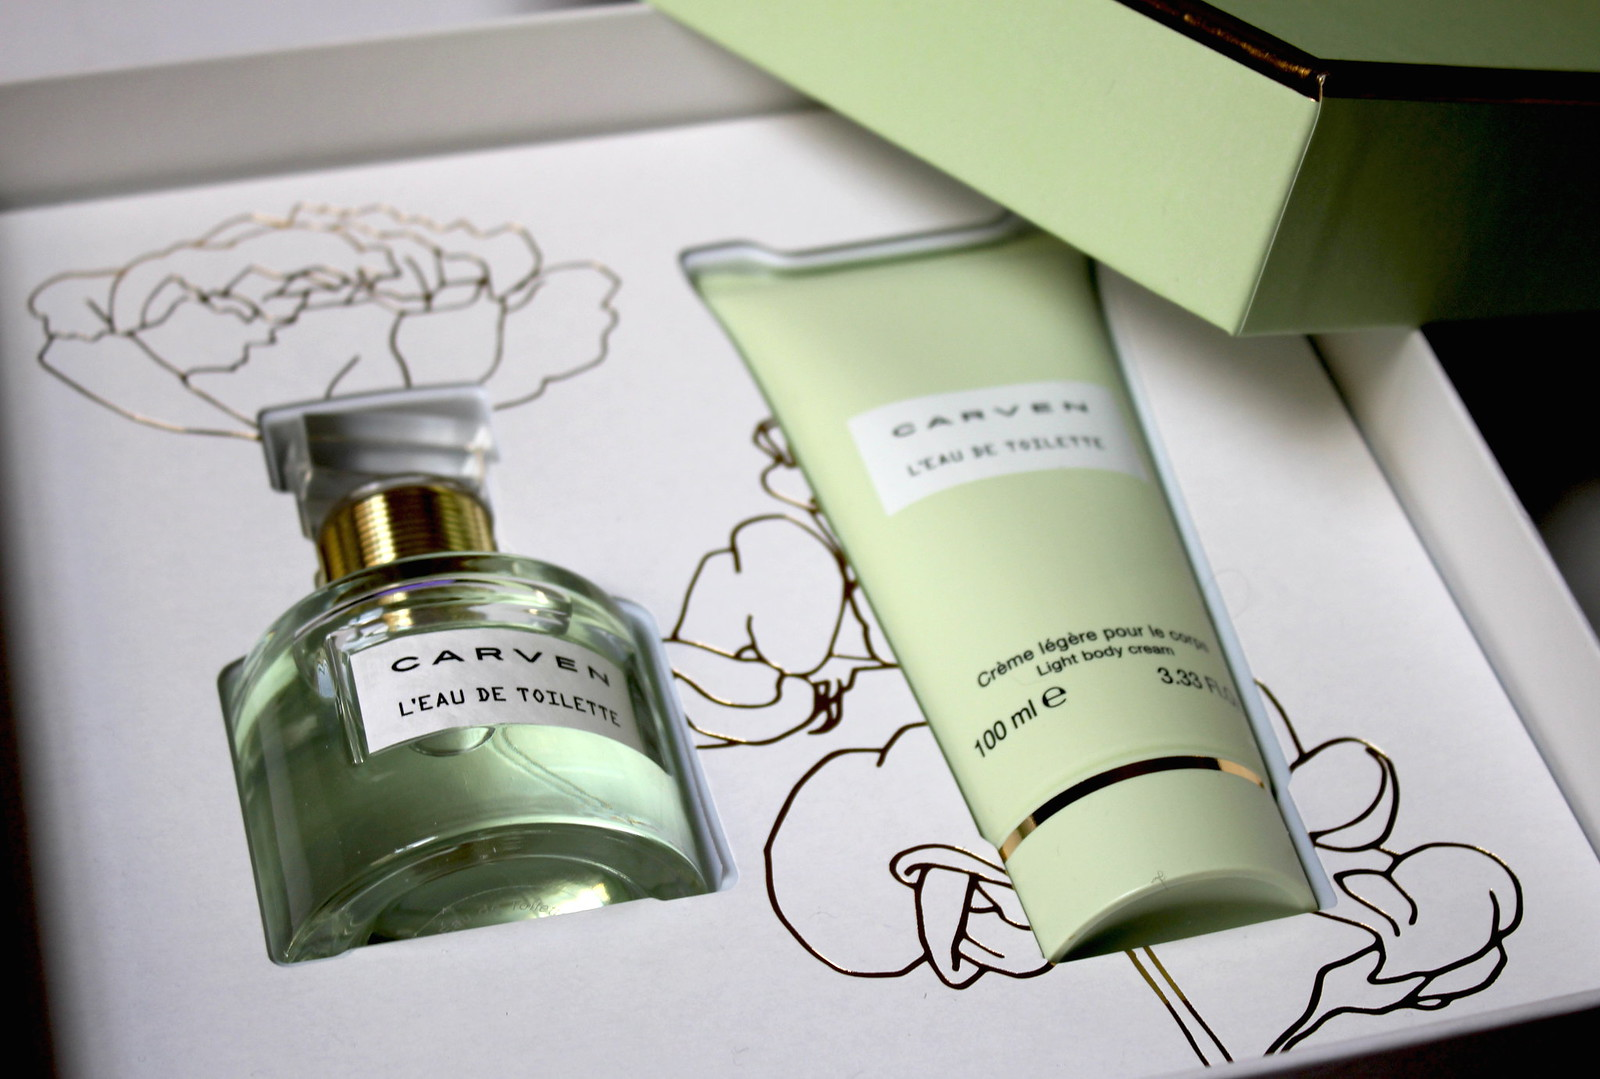 Coffret Carven Parfum